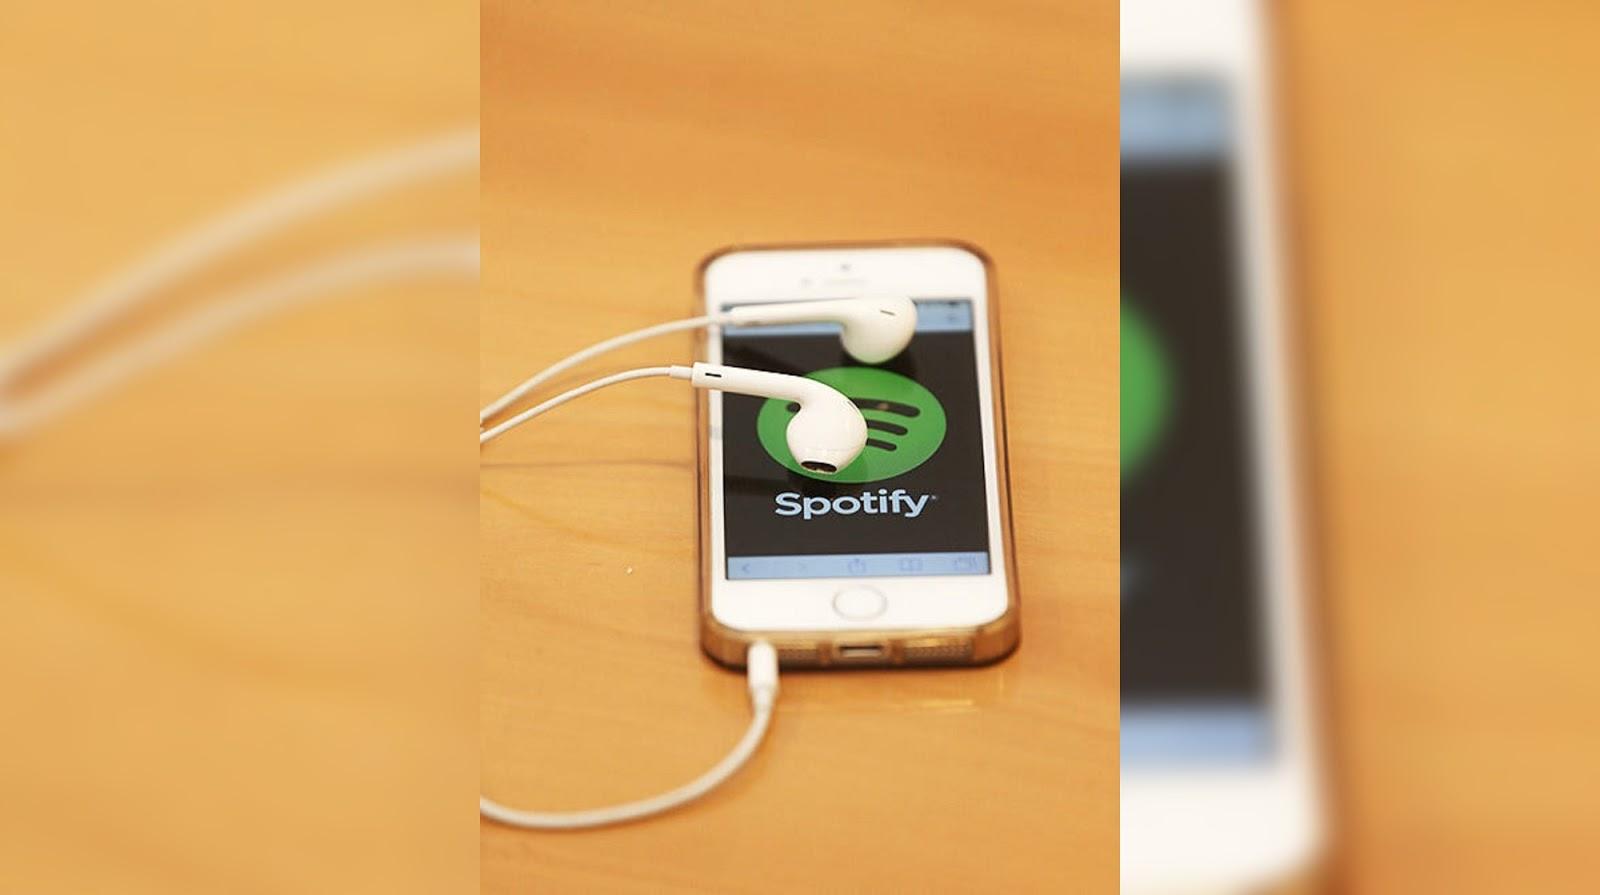 SMS malicioso advierte sobre supuesta cancelación del servicio de Spotify